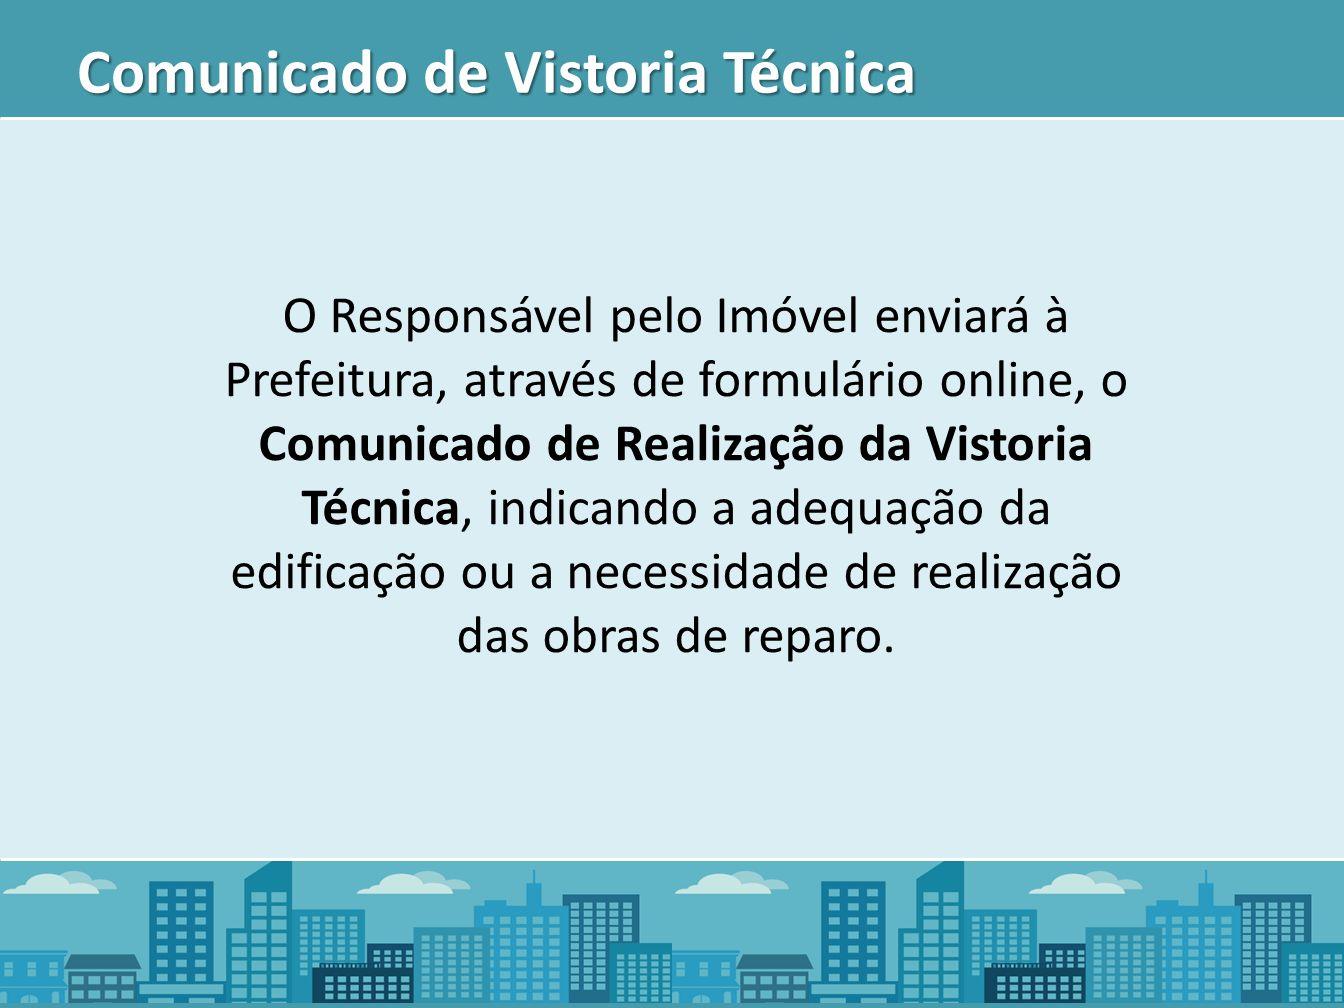 O Responsável pelo Imóvel enviará à Prefeitura, através de formulário online, o Comunicado de Realização da Vistoria Técnica, indicando a adequação da